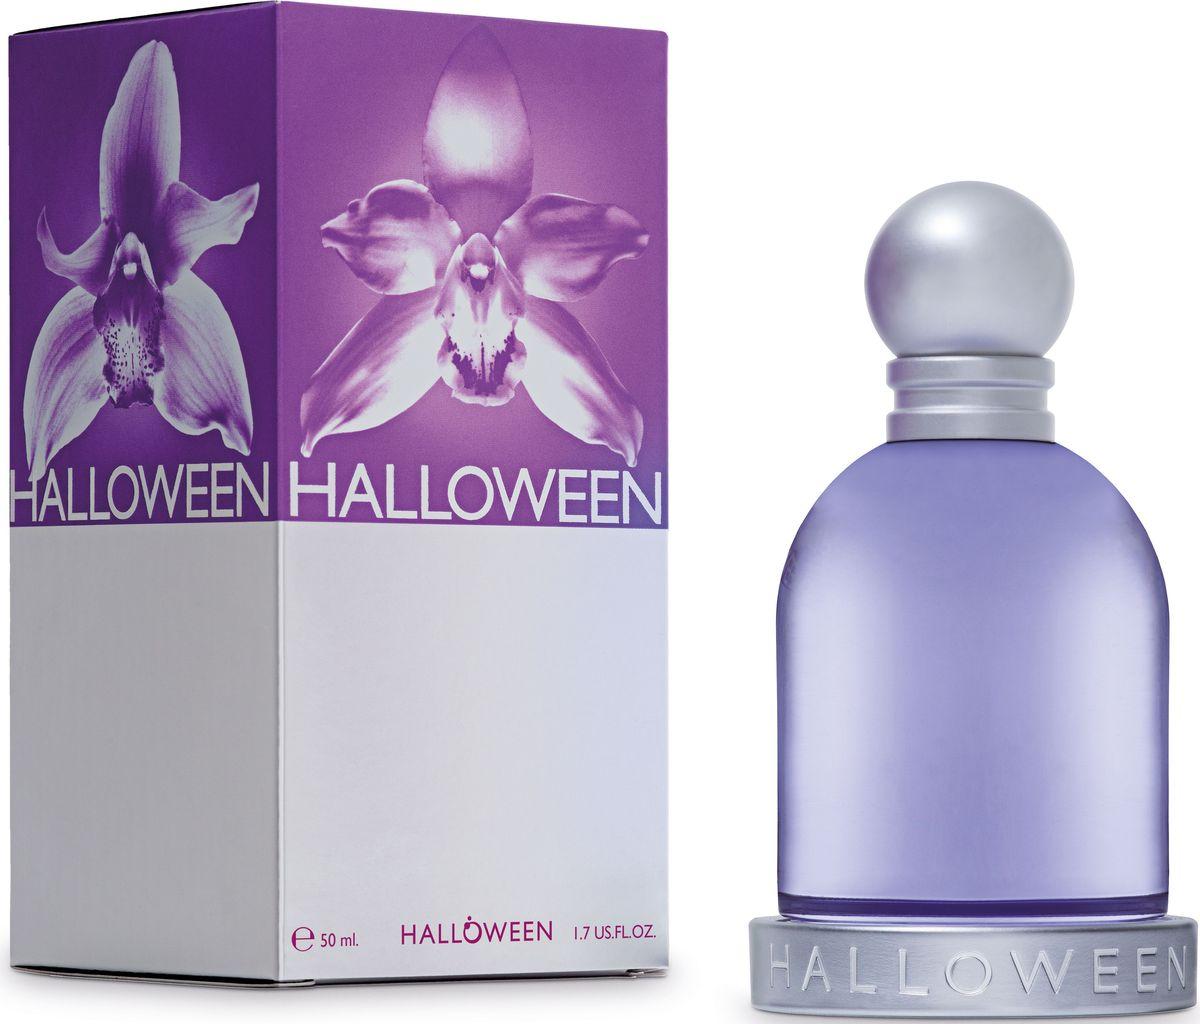 Halloween Halloween Туалетная вода женская, 50 мл34101JDЕе загадочная двойственность пленяет нас